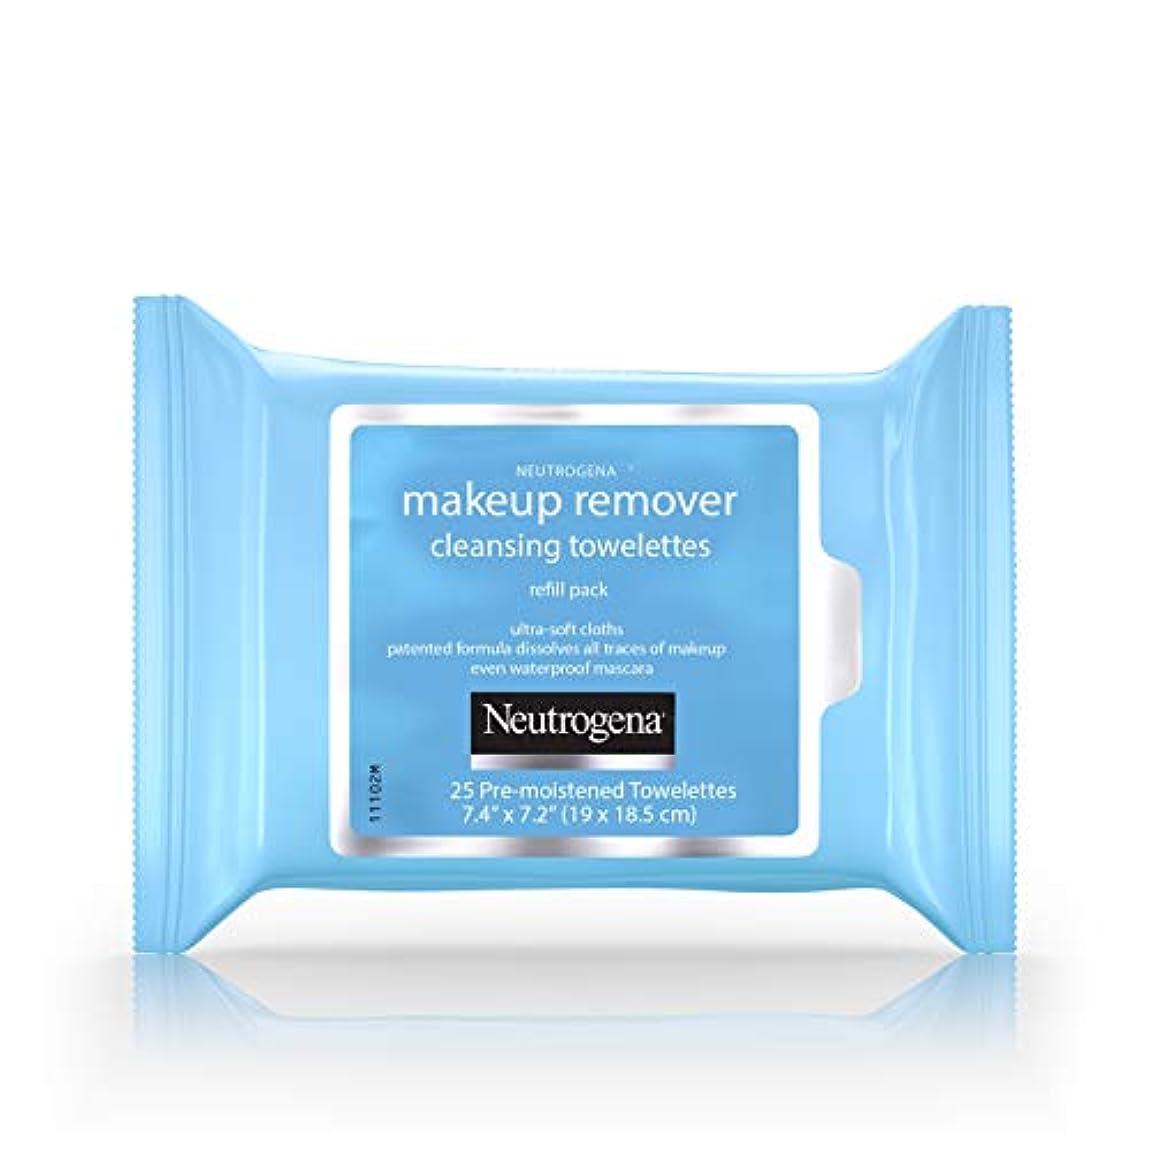 小麦粉気がついて泣いているNeutrogena Make-up Remover Cleansing Towelettes Refill Pack 25 Pc (並行輸入品)